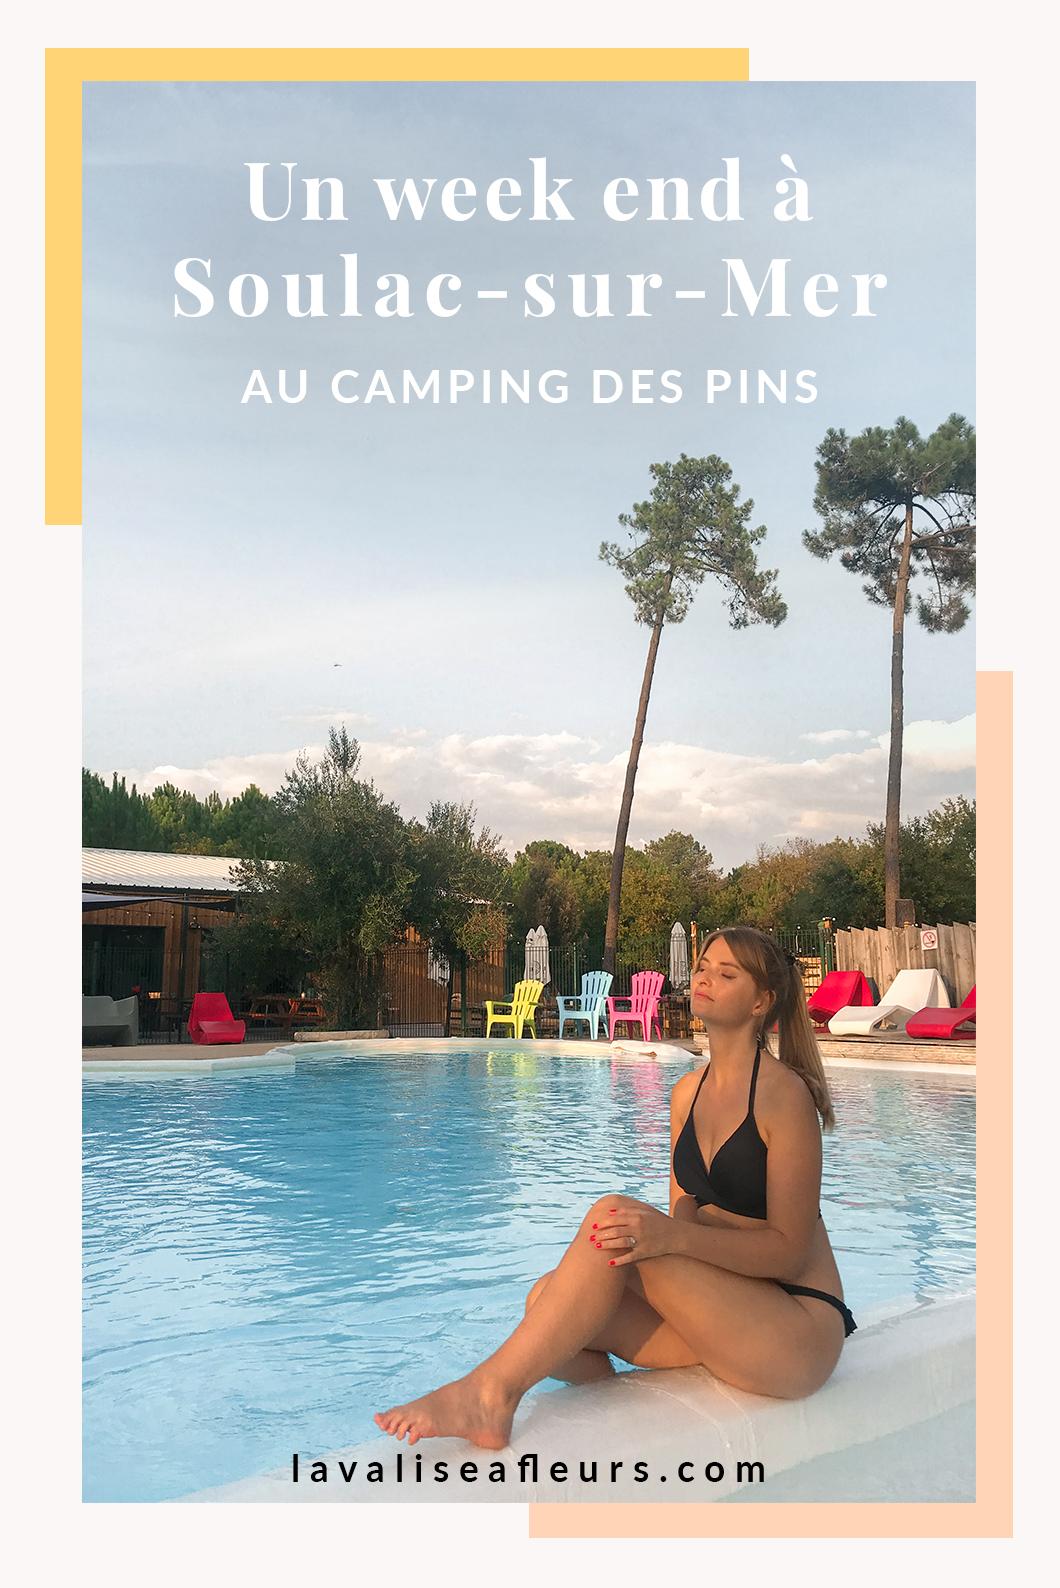 Un week end à Soulac-sur-Mer au camping des pins